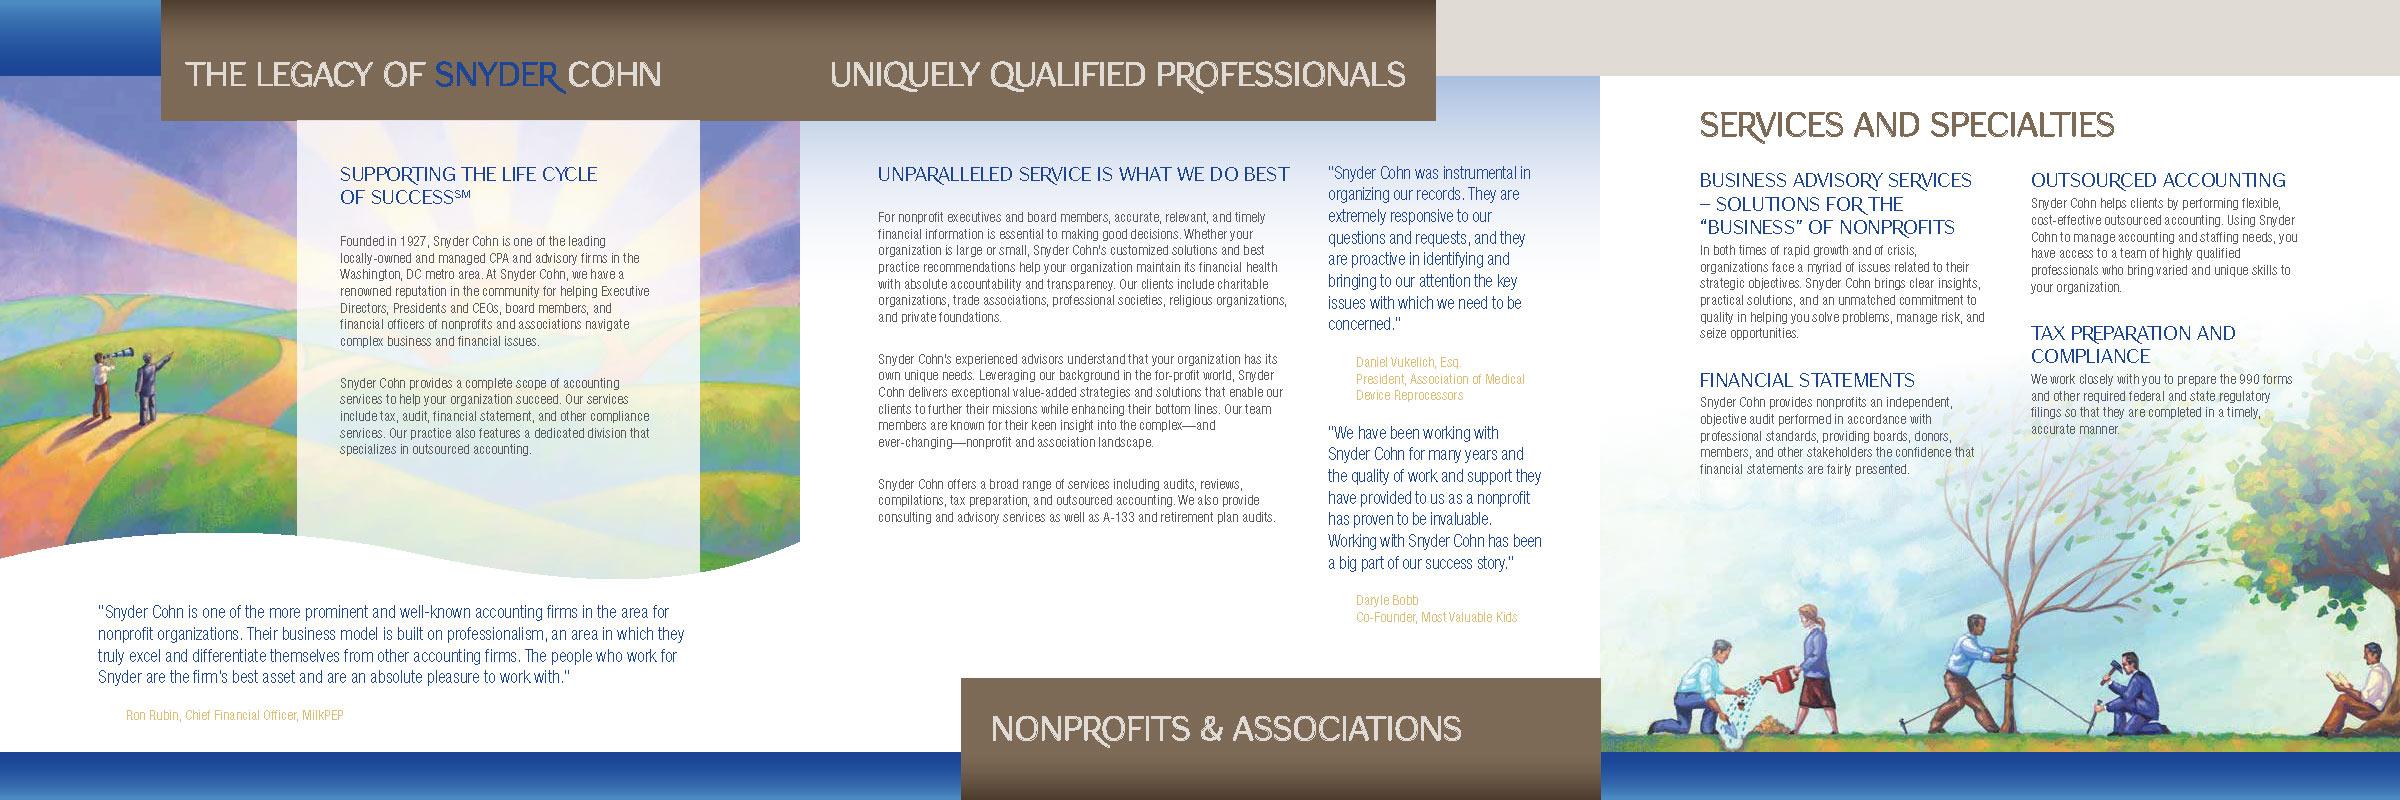 Snyder Cohn brochure